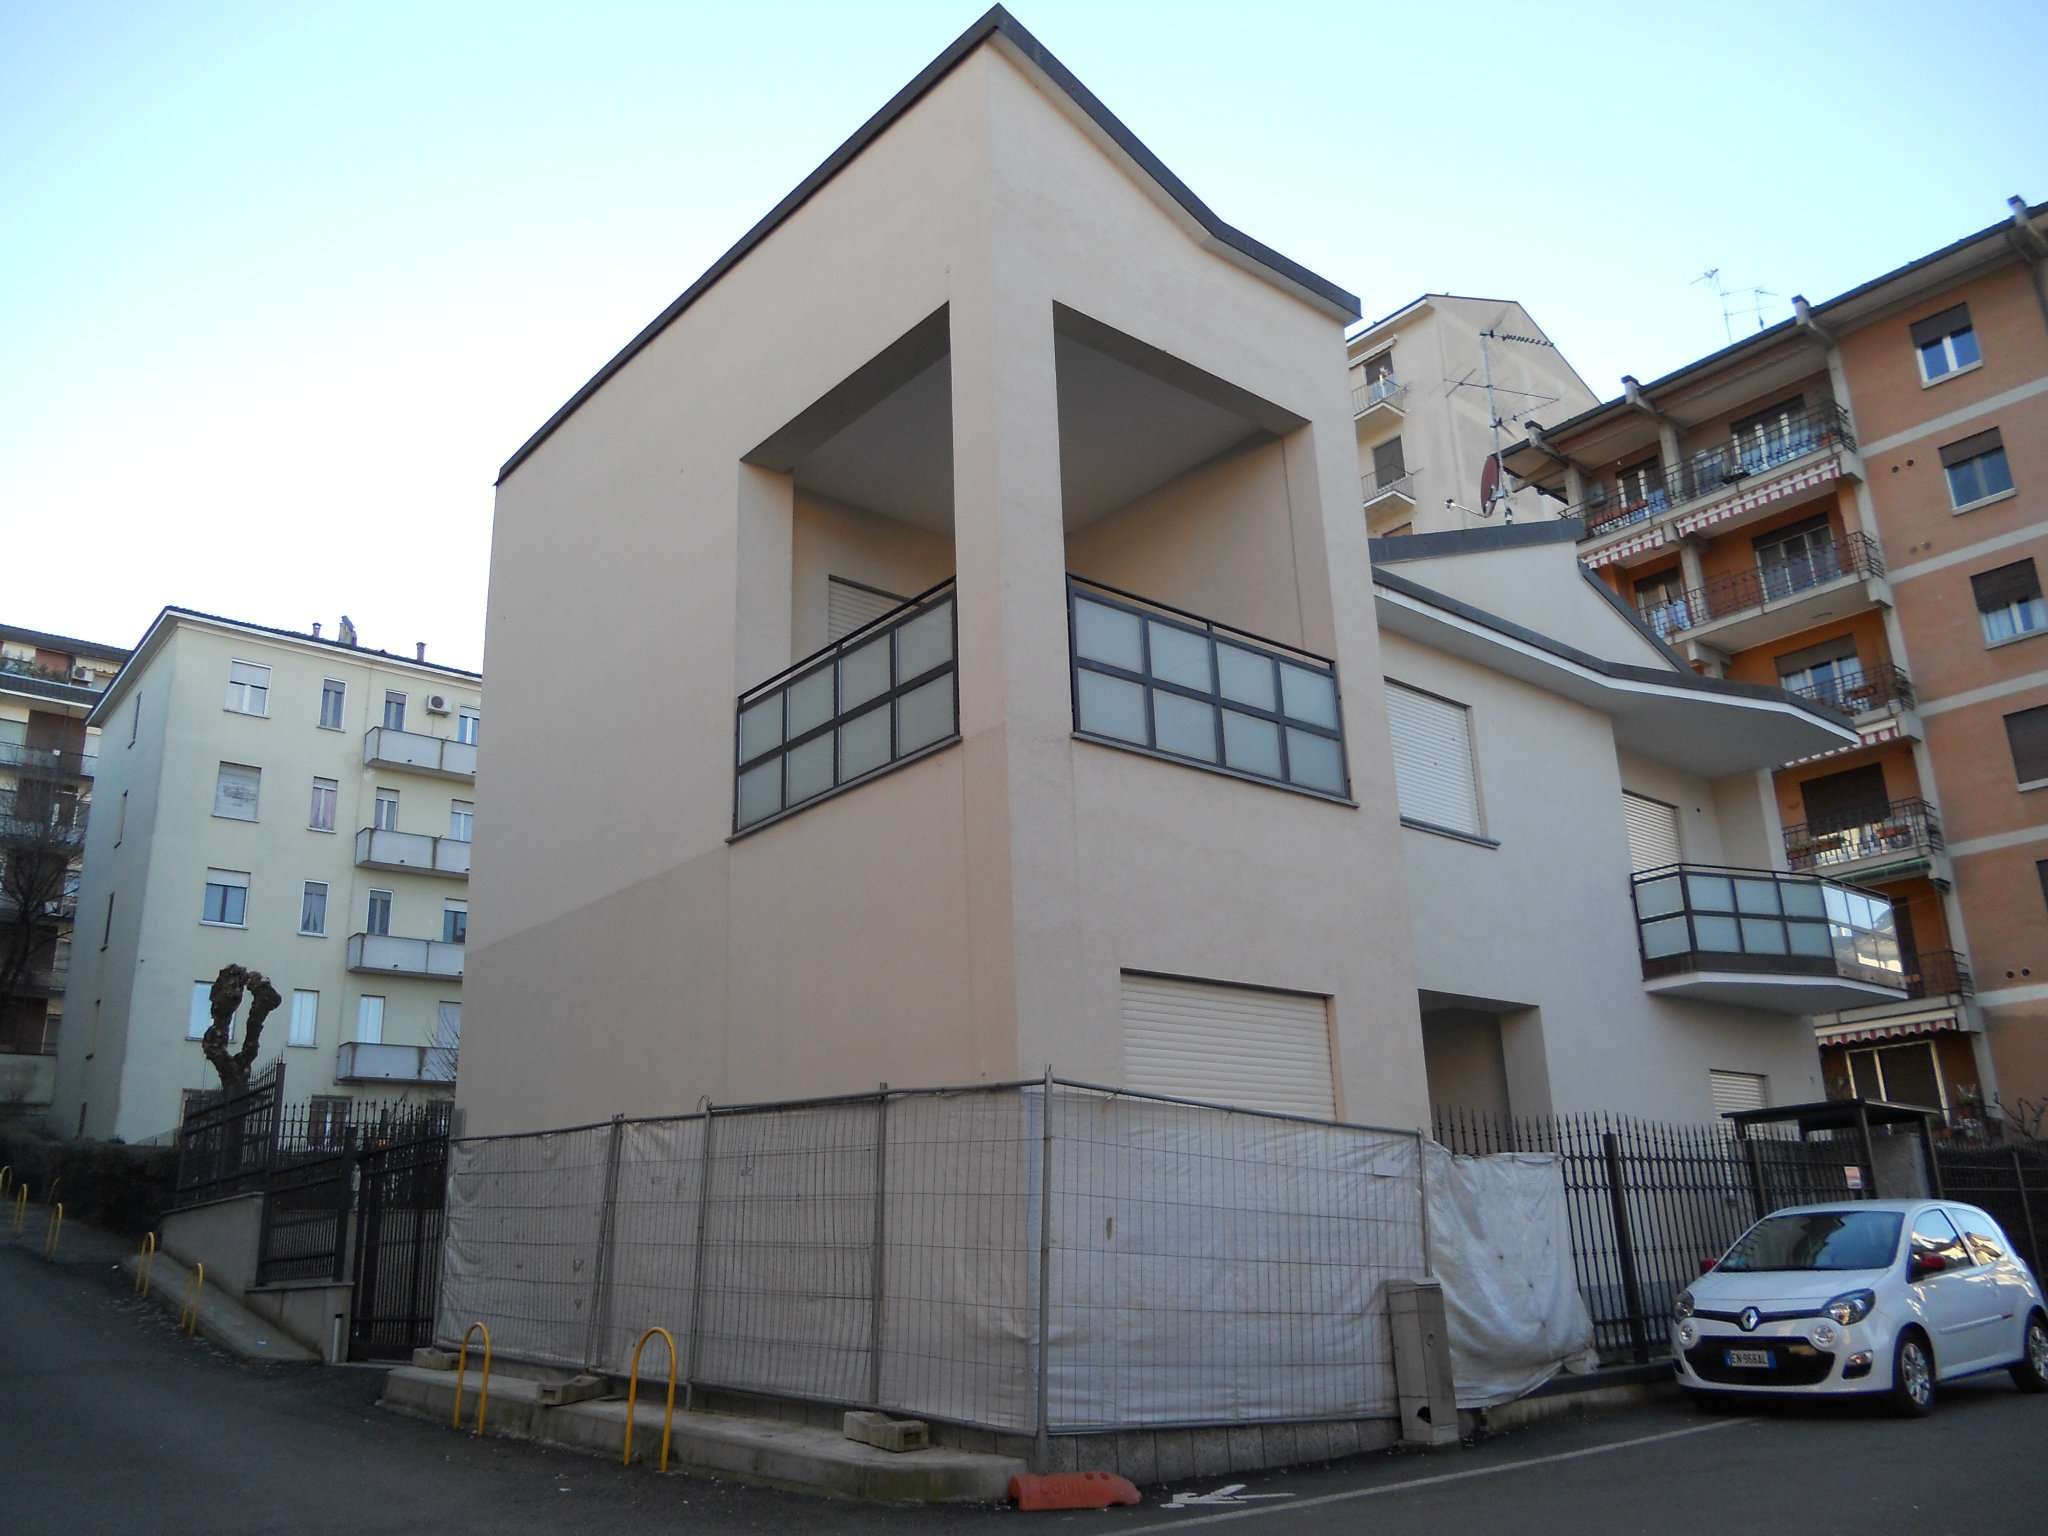 Soluzione Indipendente in vendita a Lodi, 5 locali, prezzo € 900.000 | CambioCasa.it